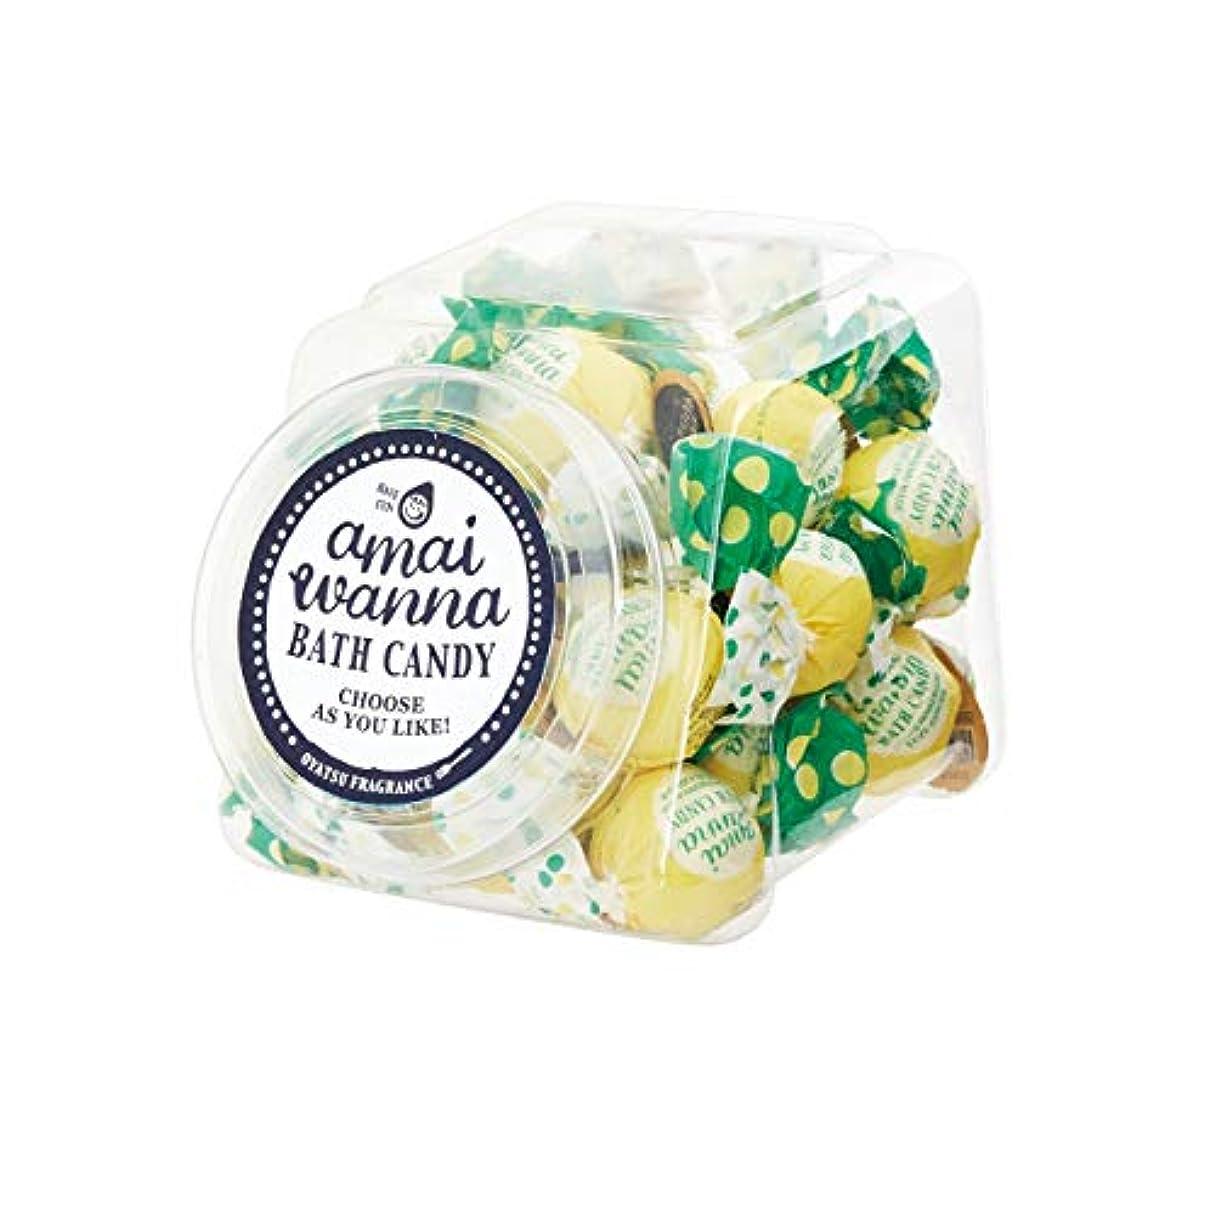 熟読文言すきアマイワナSP バスキャンディーポットセット24粒入り(ママのゆずジンジャー バスギフト キャンディーの形の入浴料 大人可愛い)